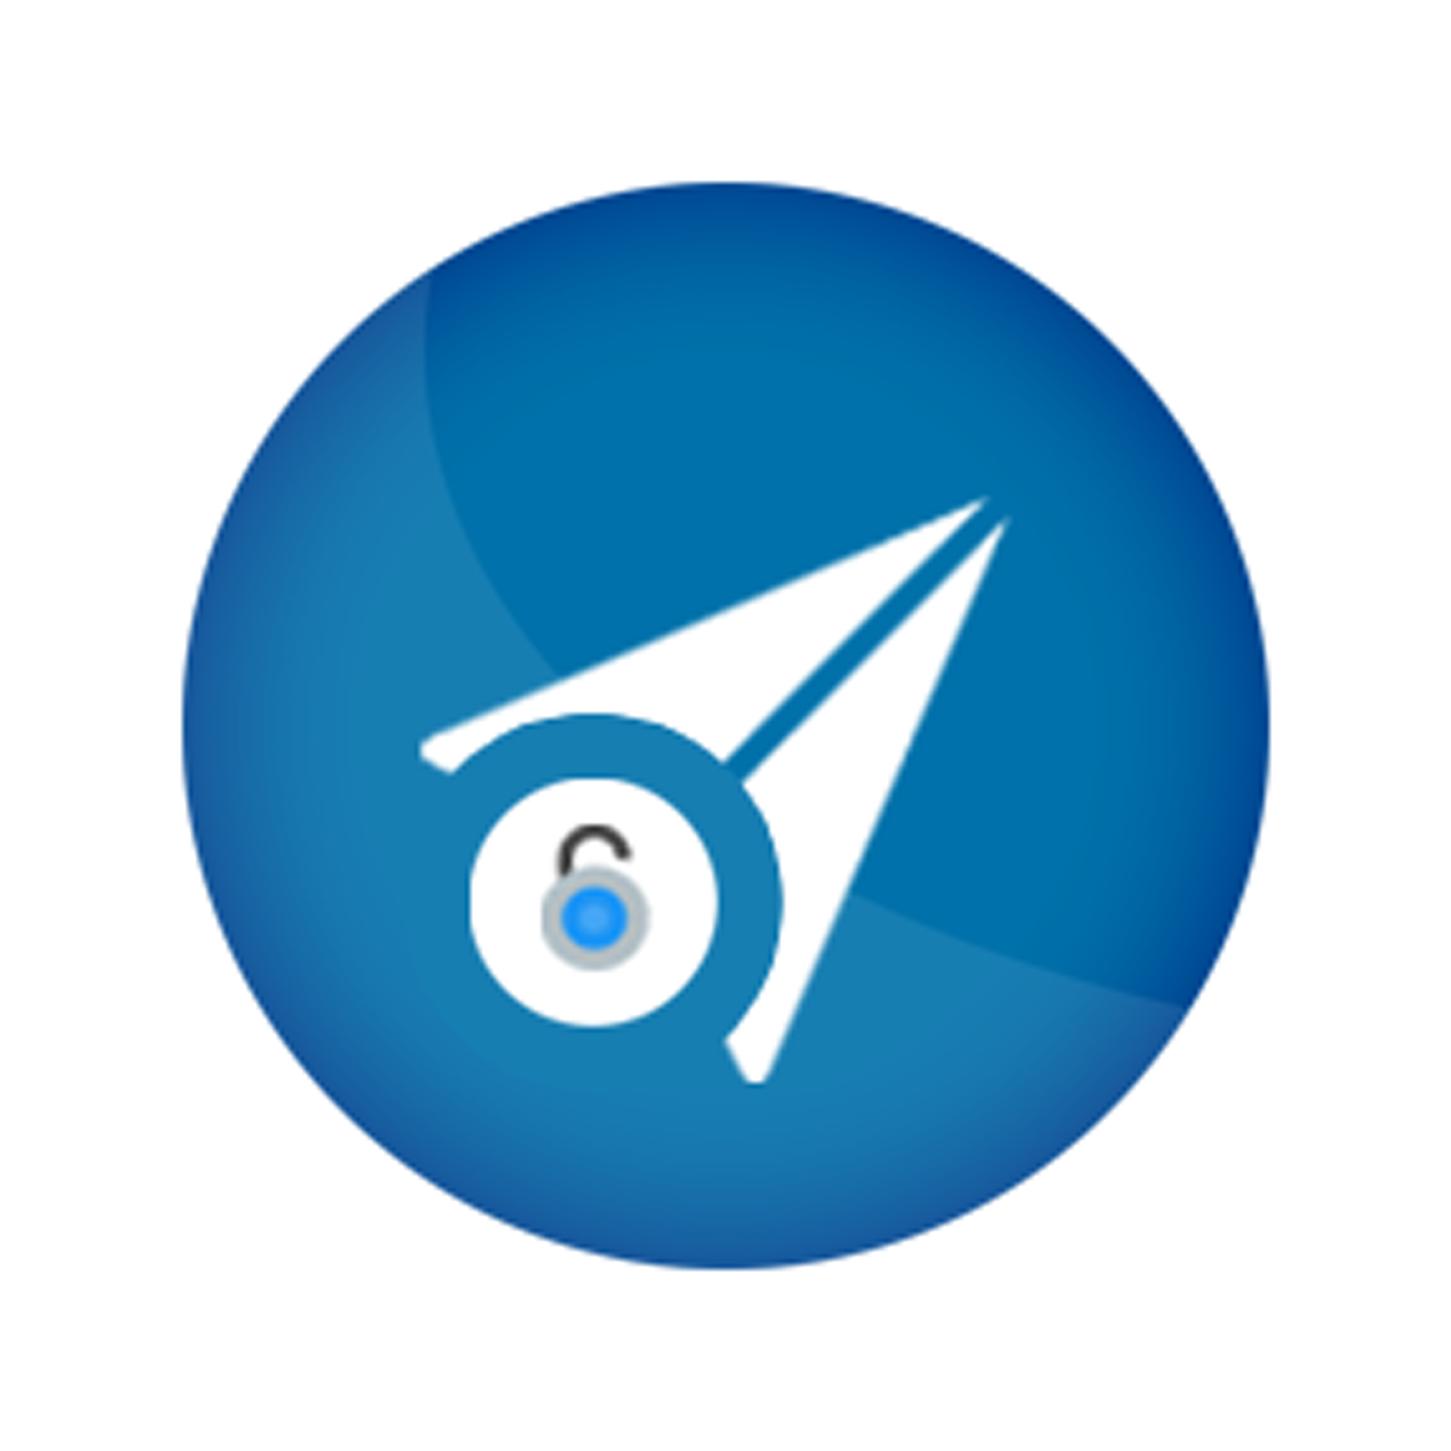 خارج شدن سریع از ریپورت در تلگرام